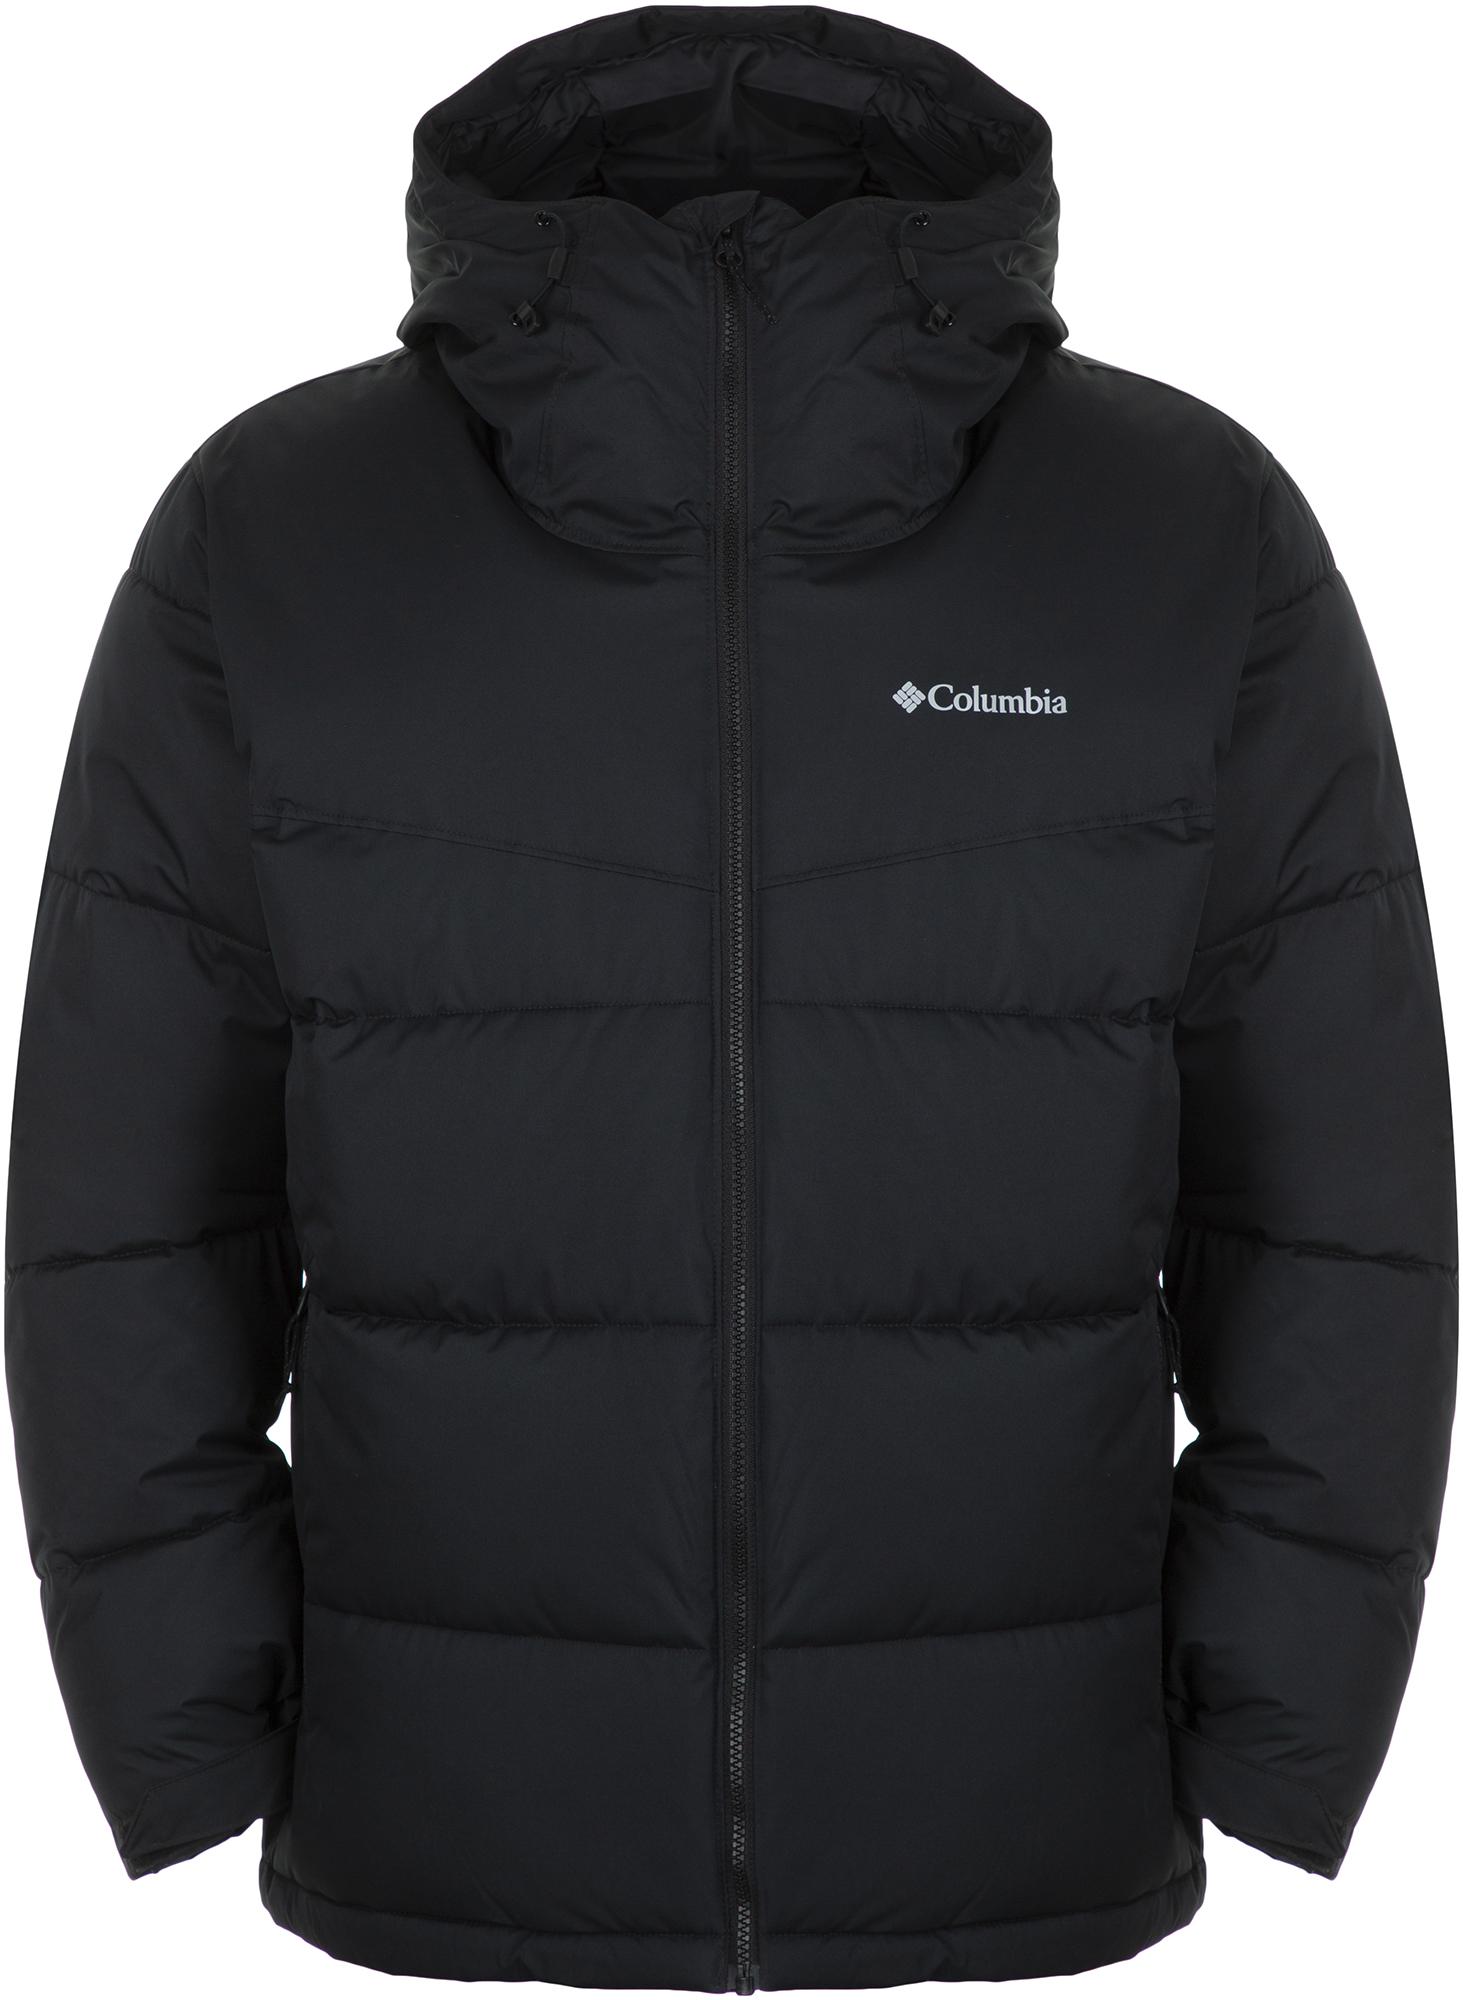 Фото - Columbia Куртка утепленная мужская Columbia Iceline Ridge, размер 54 куртка утепленная columbia columbia co214emgevw0